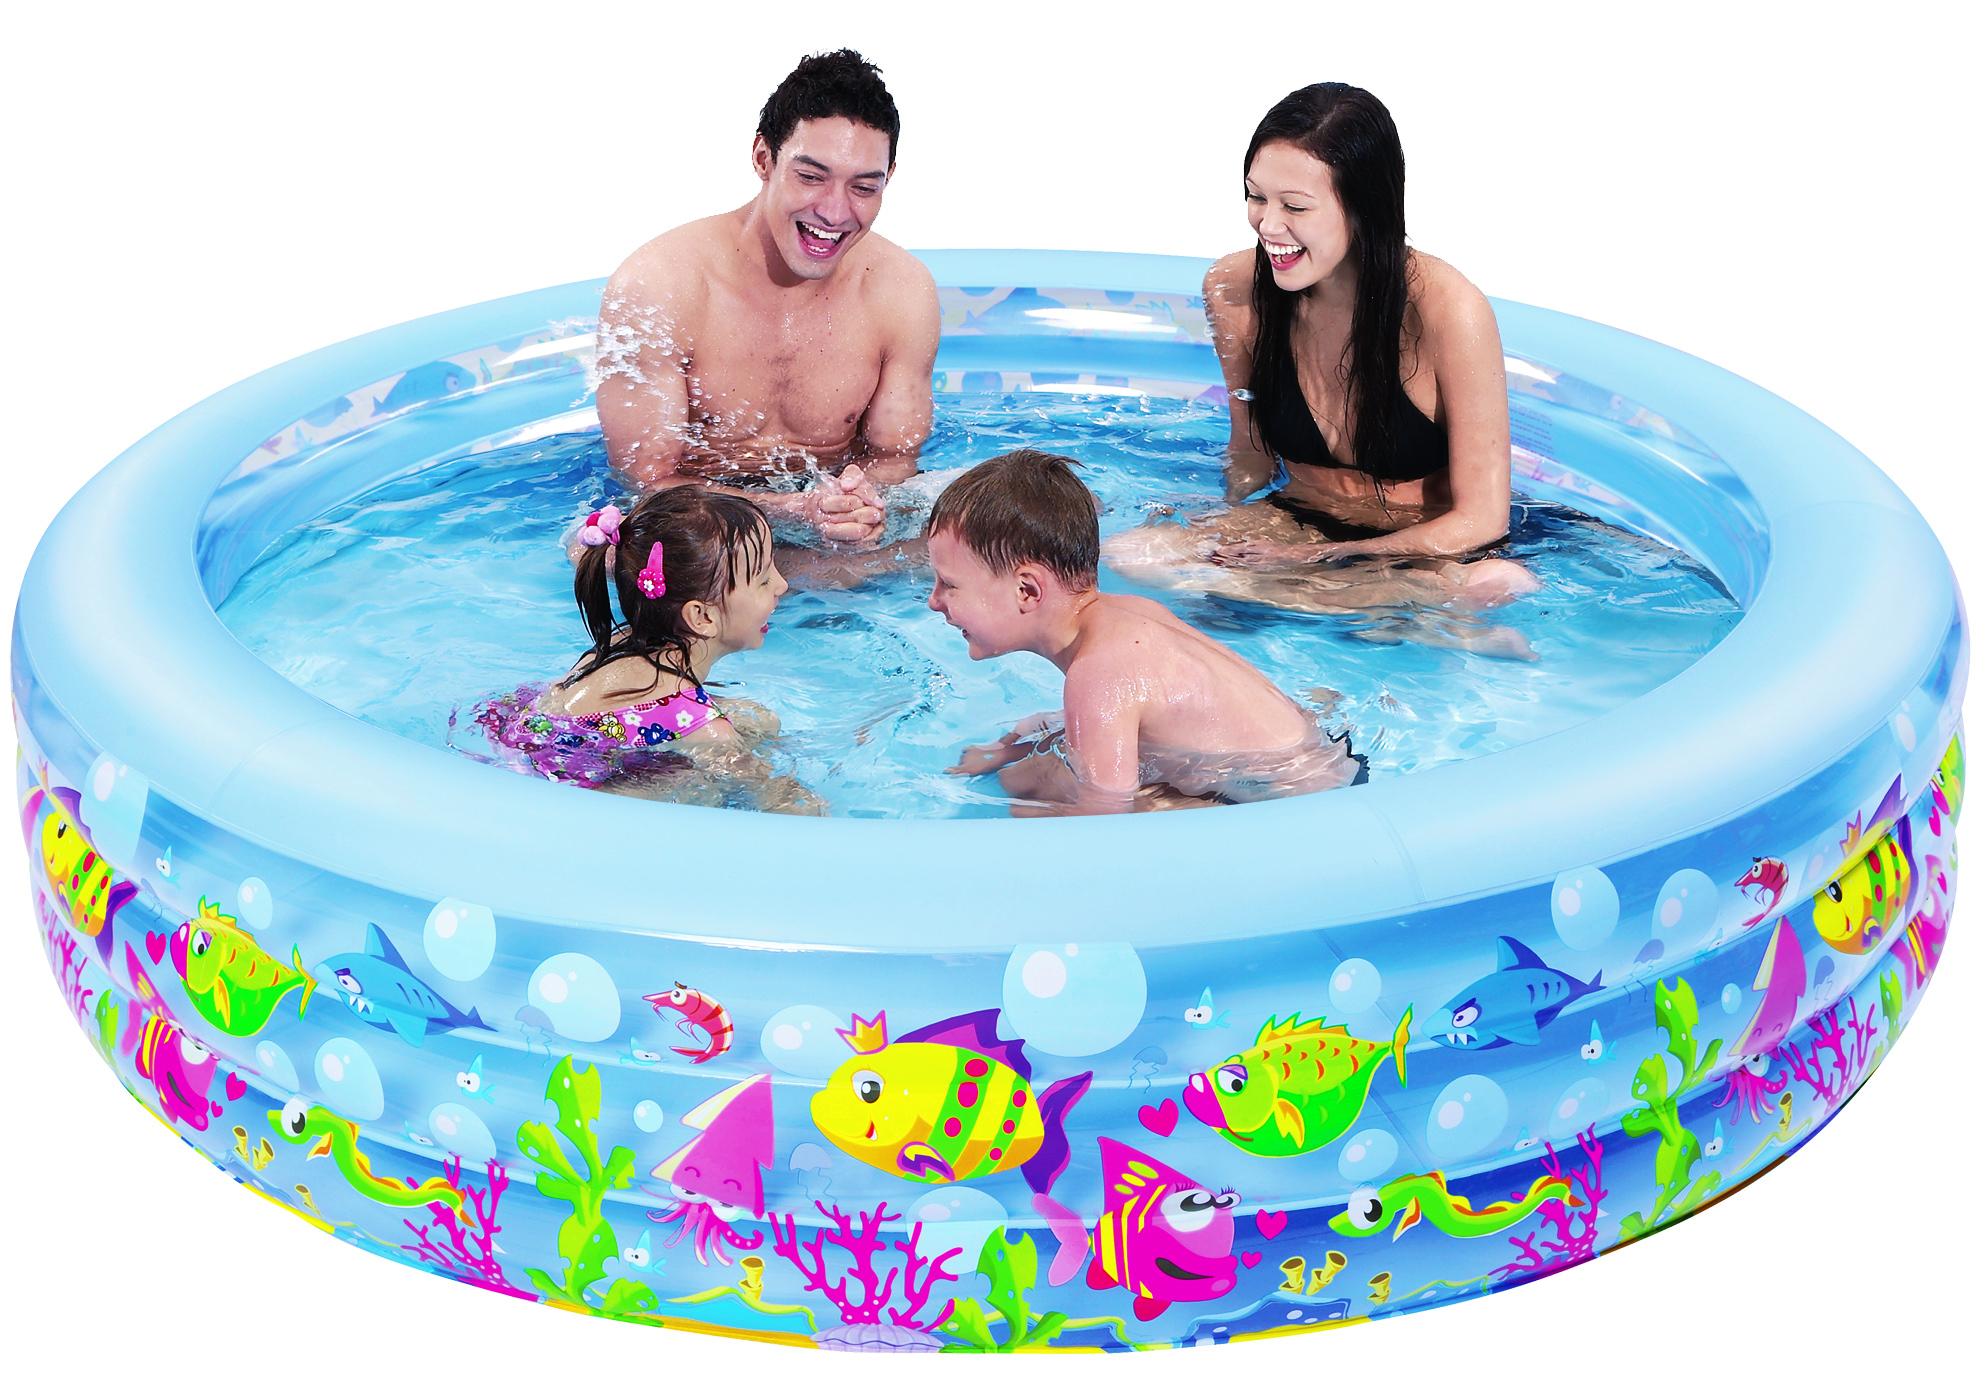 Бассейн надувной Jilong Aquarium, 185 см x 50 смJL017027NPFКруглый надувной бассейн Jilong Aquarium предназначен для детского и семейного отдыха на загородном участке. Отлично подойдет для детей от 6 лет. Бассейн изготовлен из прочного ПВХ. Оснащен удобной сливной пробкой. Комфортный дизайн бассейна и приятная цветовая гамма сделают его не только незаменимым атрибутом летнего отдыха, но и оригинальным дополнением ландшафтного дизайна участка. В комплект с бассейном входит заплатка для ремонта в случае прокола.